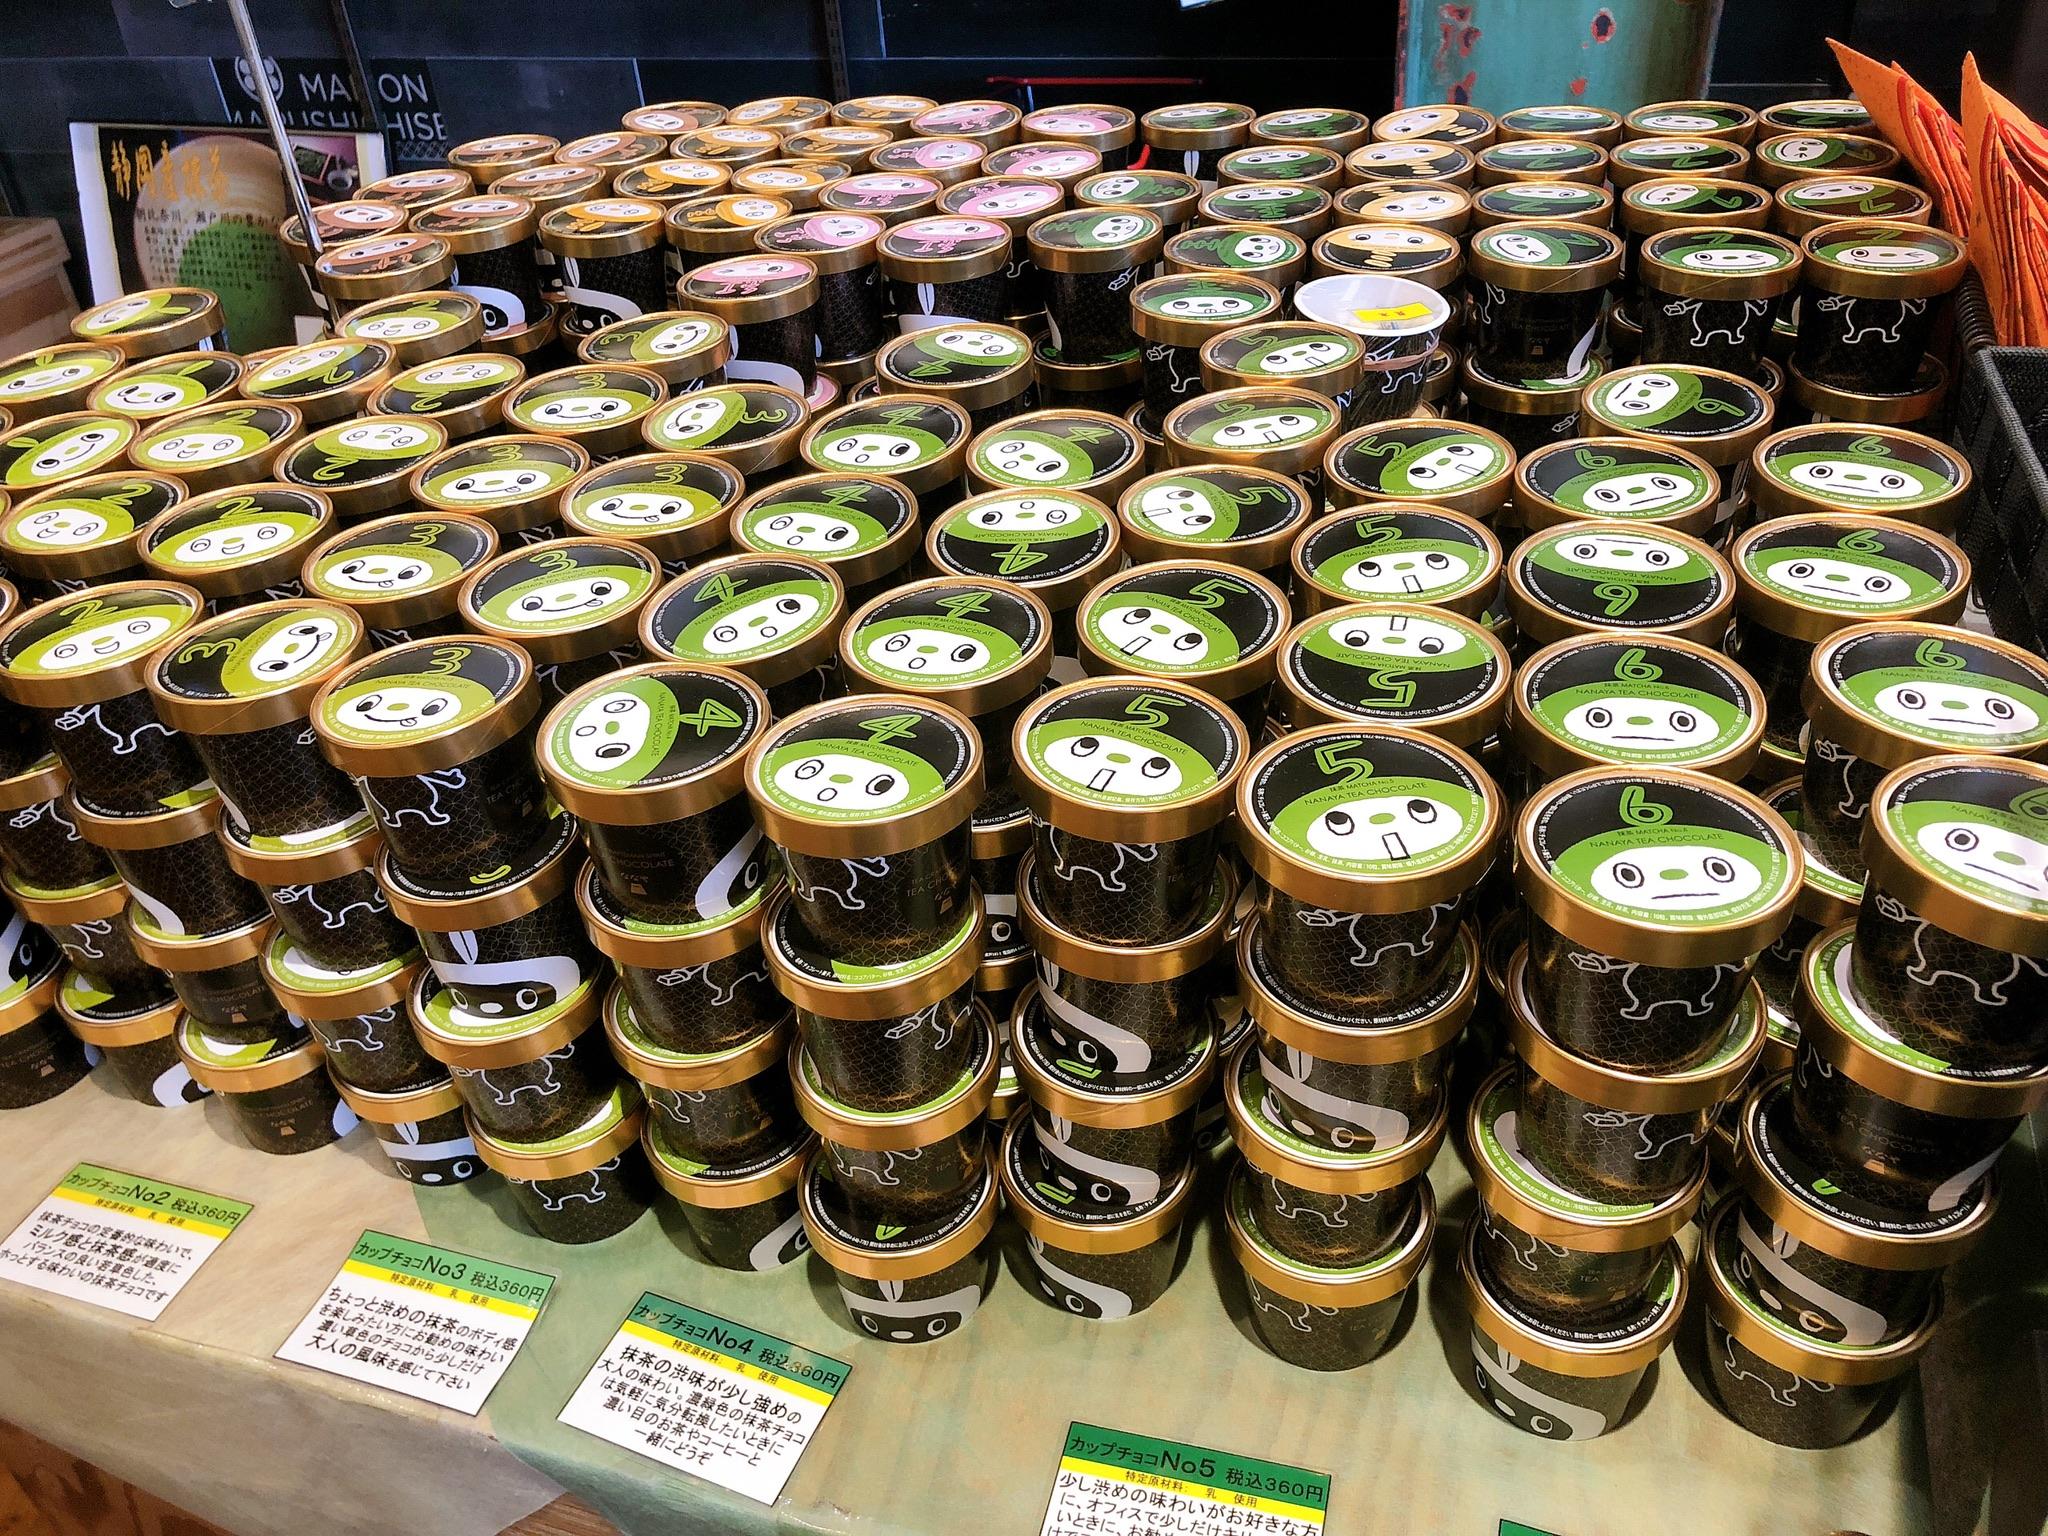 【静岡】『ななや』世界一濃い抹茶ジェラート!?苦味と深みが濃厚な抹茶ジェラート( ´ ▽ ` )抹茶ファンは必見!_4